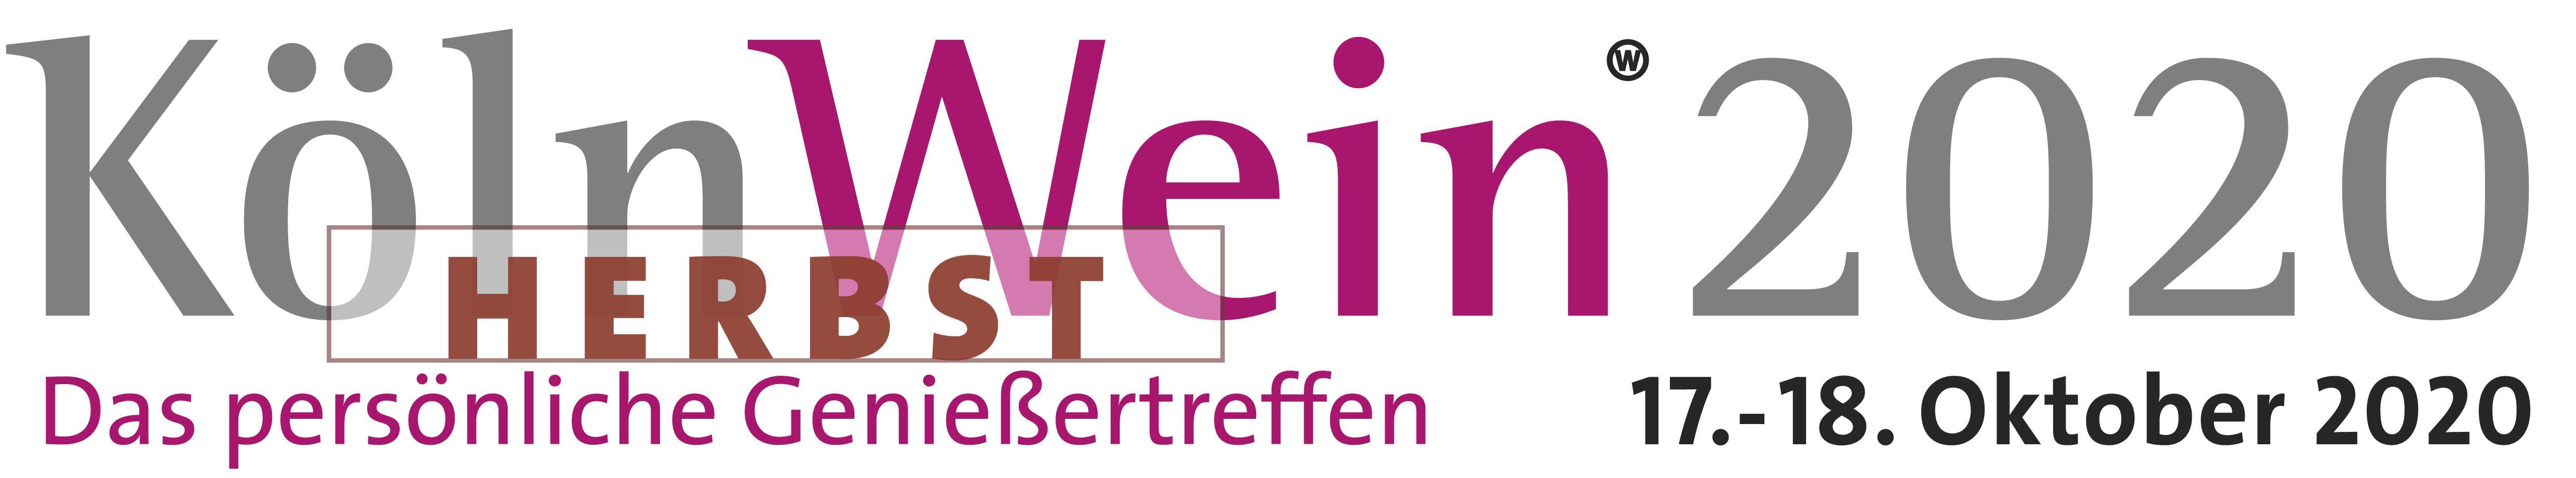 Köln Wein 2020